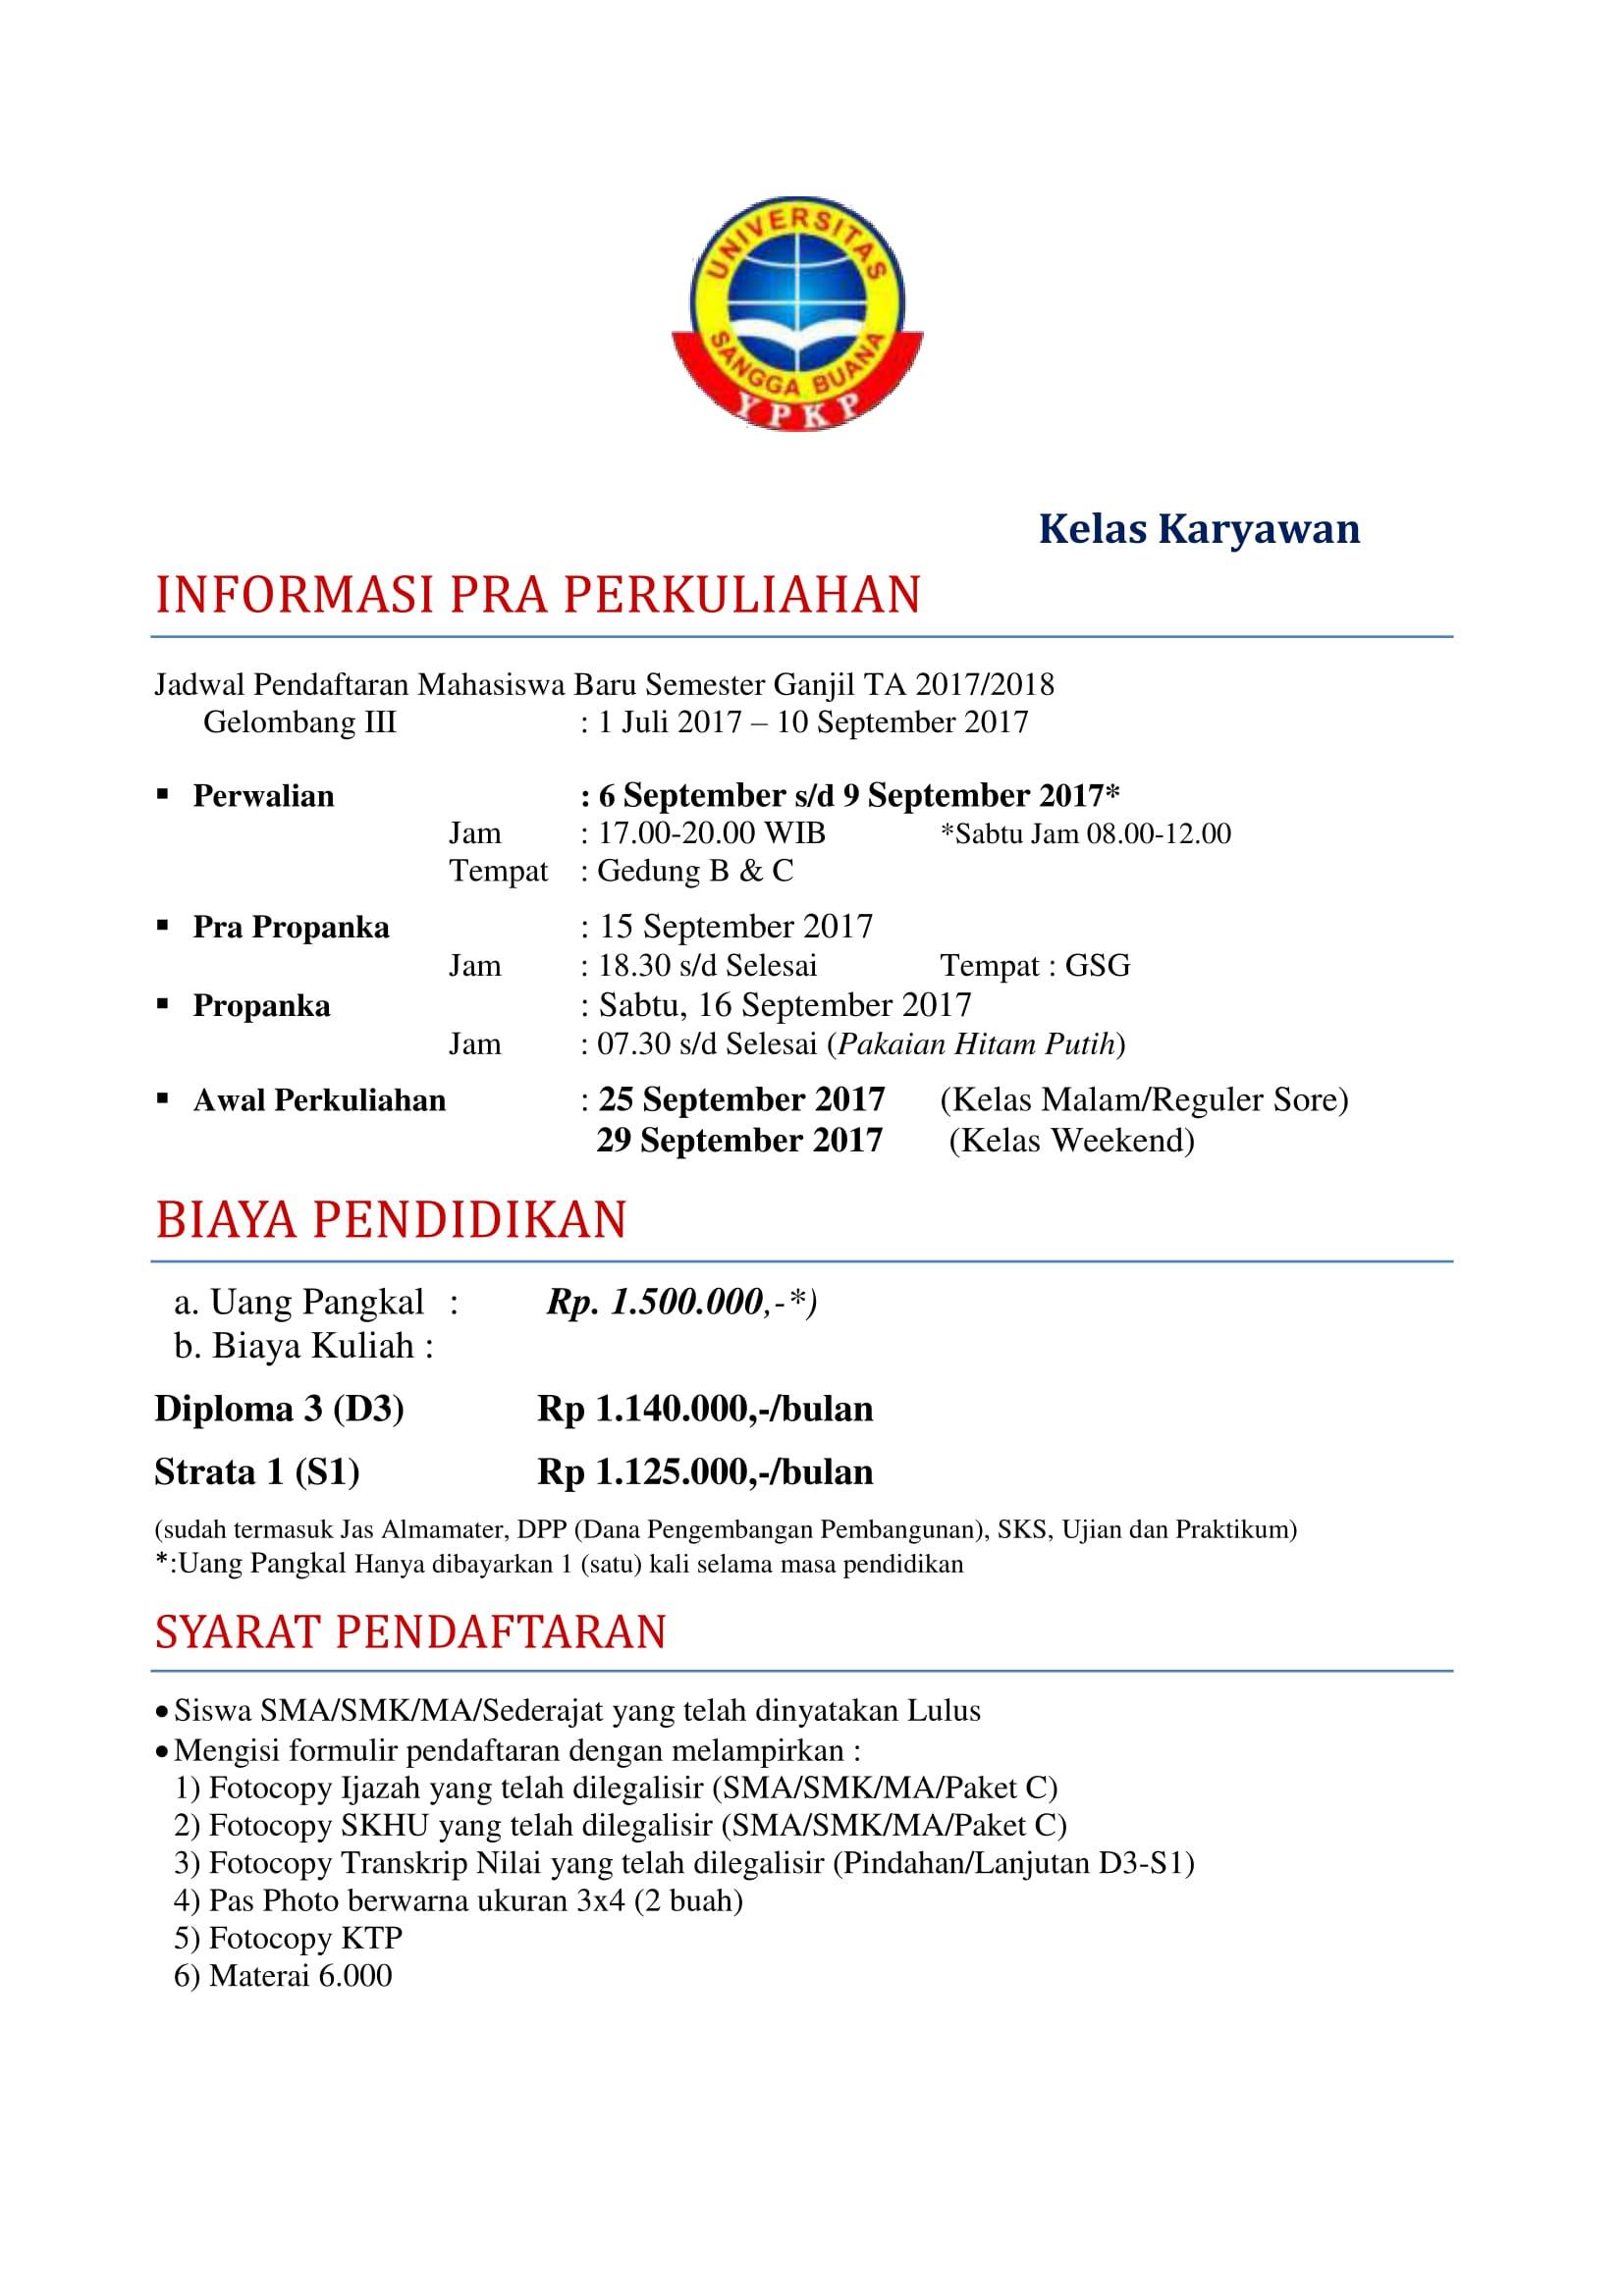 info pra Kuliah Karyawan 2017-1